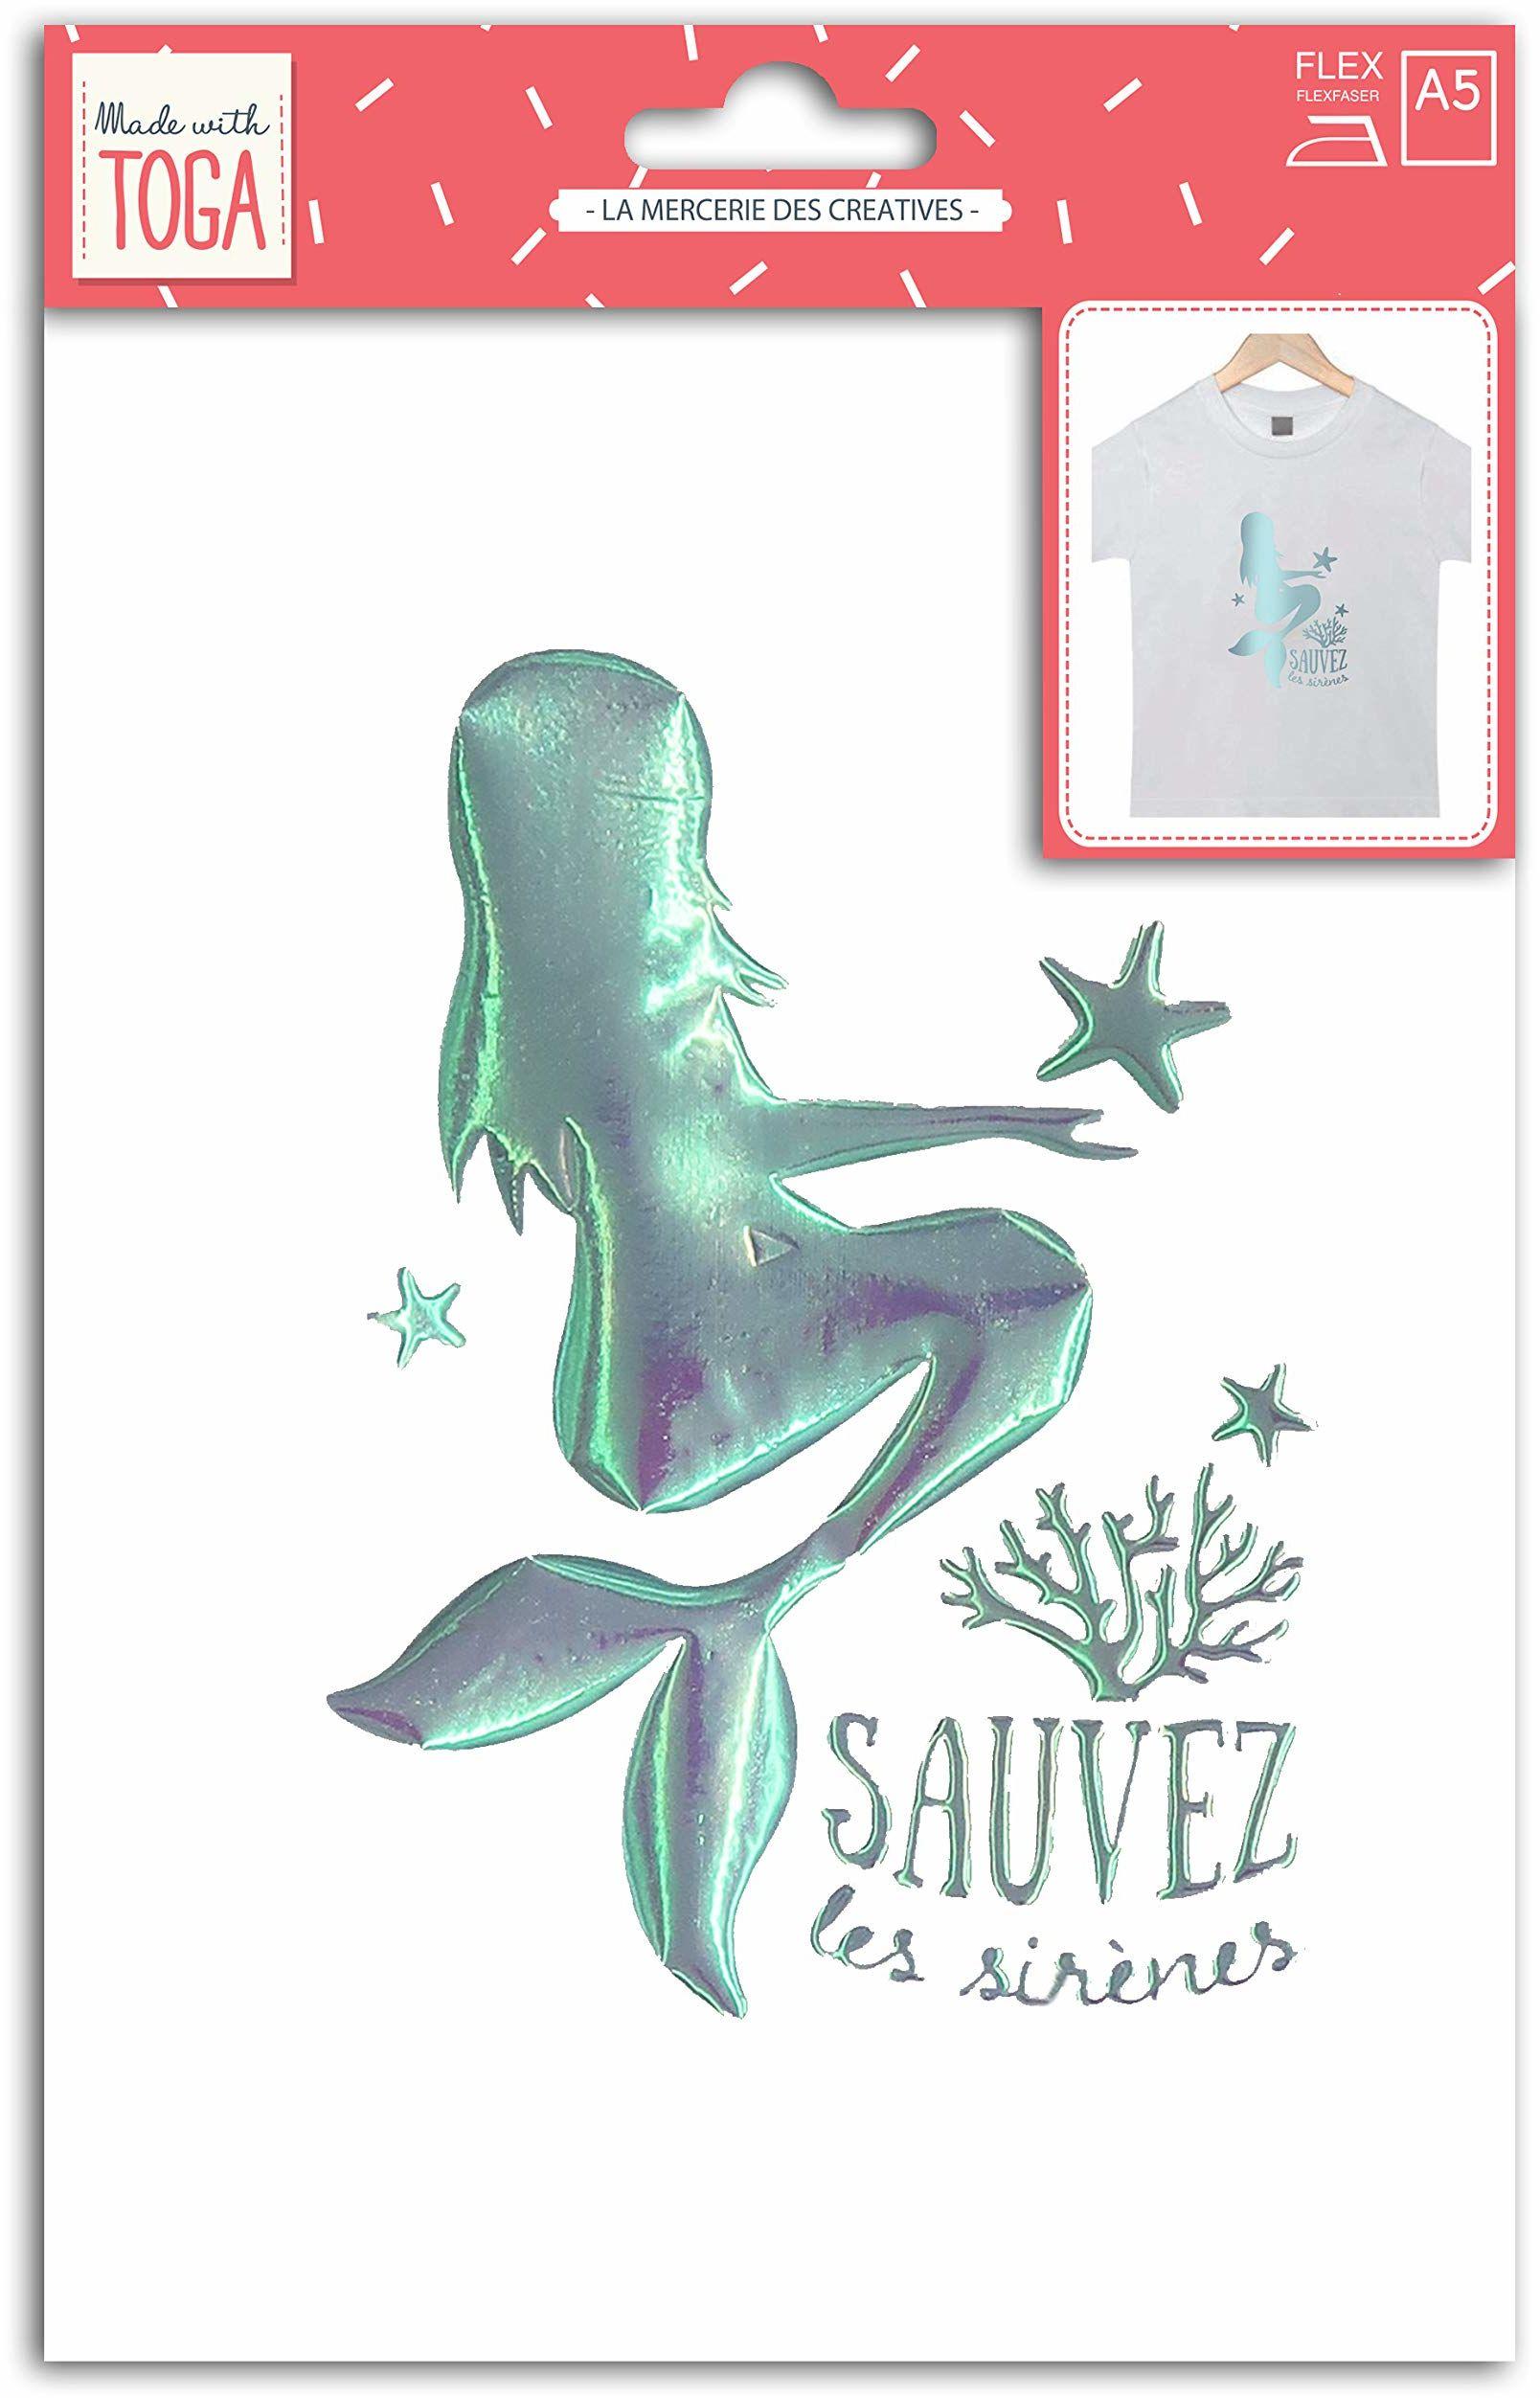 Wyprodukowano z Toga pod morzem, materiał tekstylny, 15 x 21 cm, olśniewający, wielokolorowy, nie nadaje się